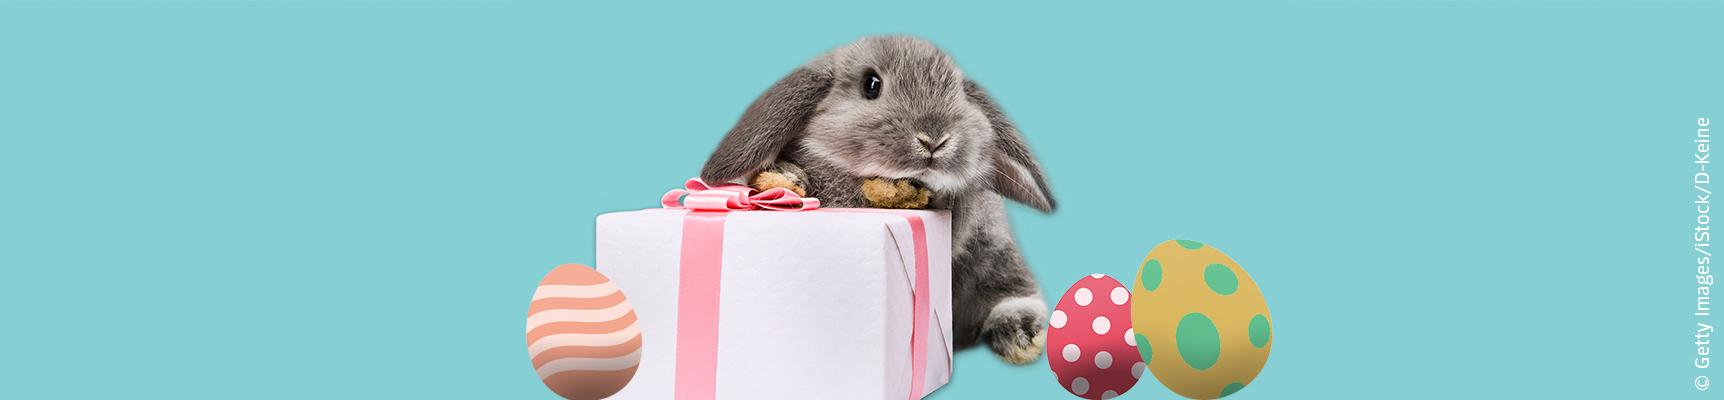 Geschenk-Ideen vom Osterhasen